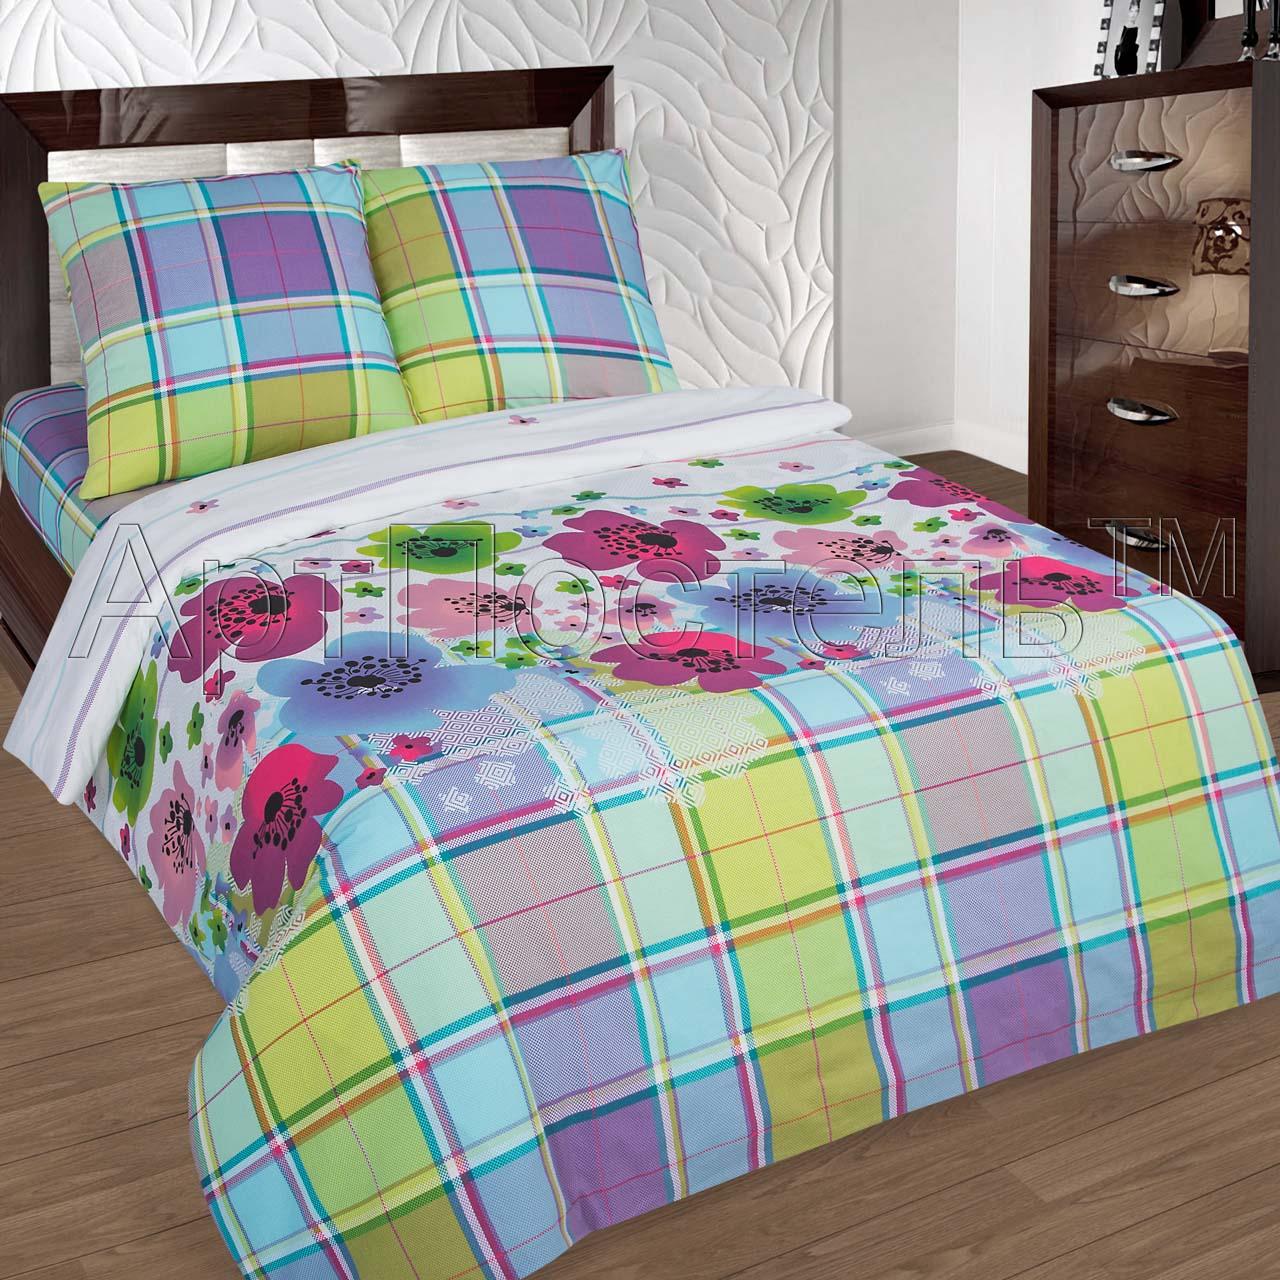 КПБ Паулина р. 2,0-сп. евроРаспродажа постельного белья<br>Плотность ткани: 115 г/кв. м <br>Пододеяльник: 217х180 см - 1 шт. <br>Простыня: 220х240 см - 1 шт. <br>Наволочка: 70х70 см - 2 шт.<br><br>Тип: КПБ<br>Размер: 2,0-сп. евро<br>Материал: Поплин